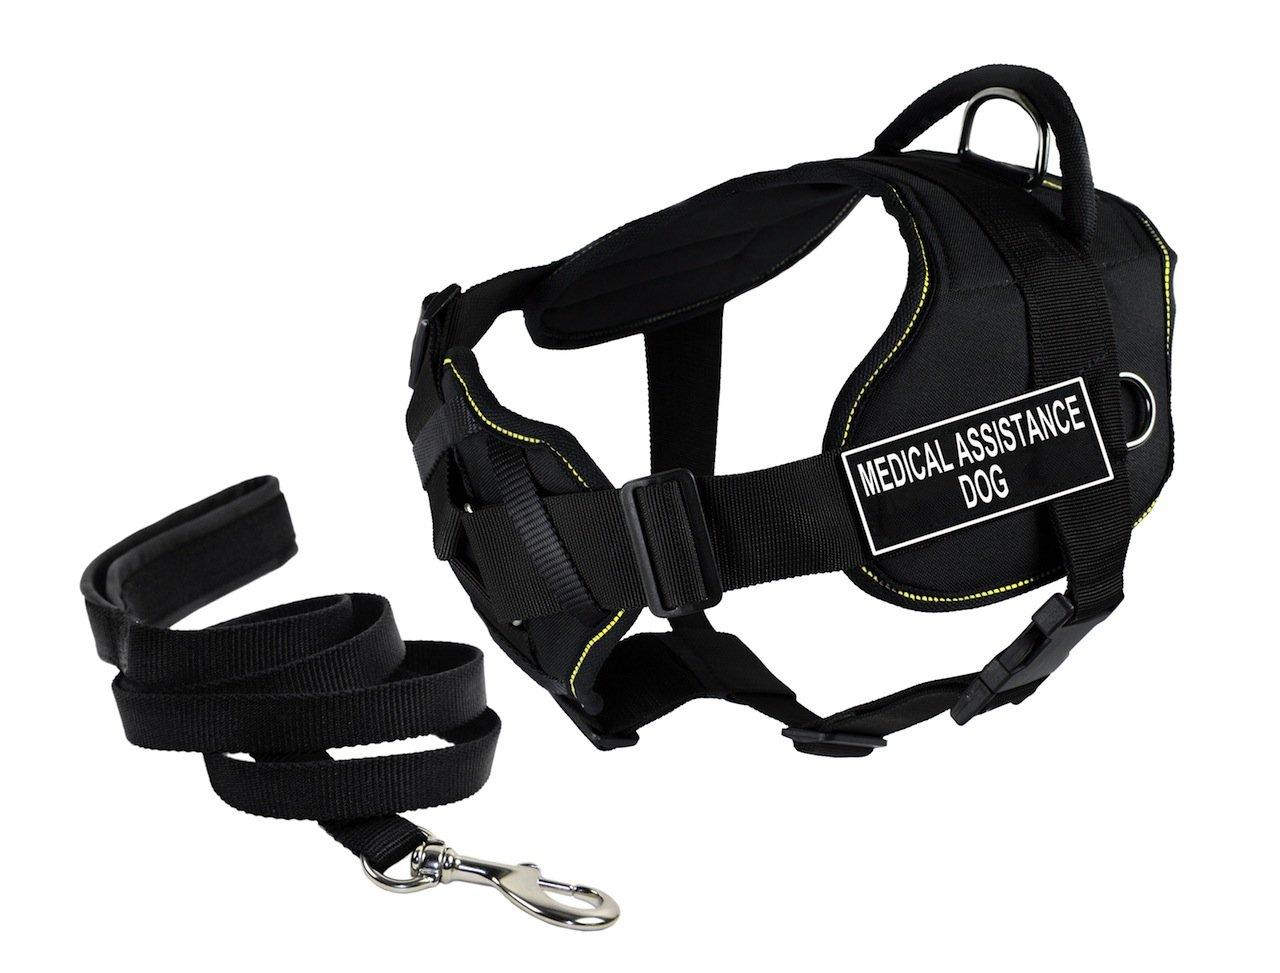 Dean & Tyler DT Fun Petto Supporto Assistenza Medica Dog Harness, Piccolo, con 1,8 m Padded Puppy guinzaglio.